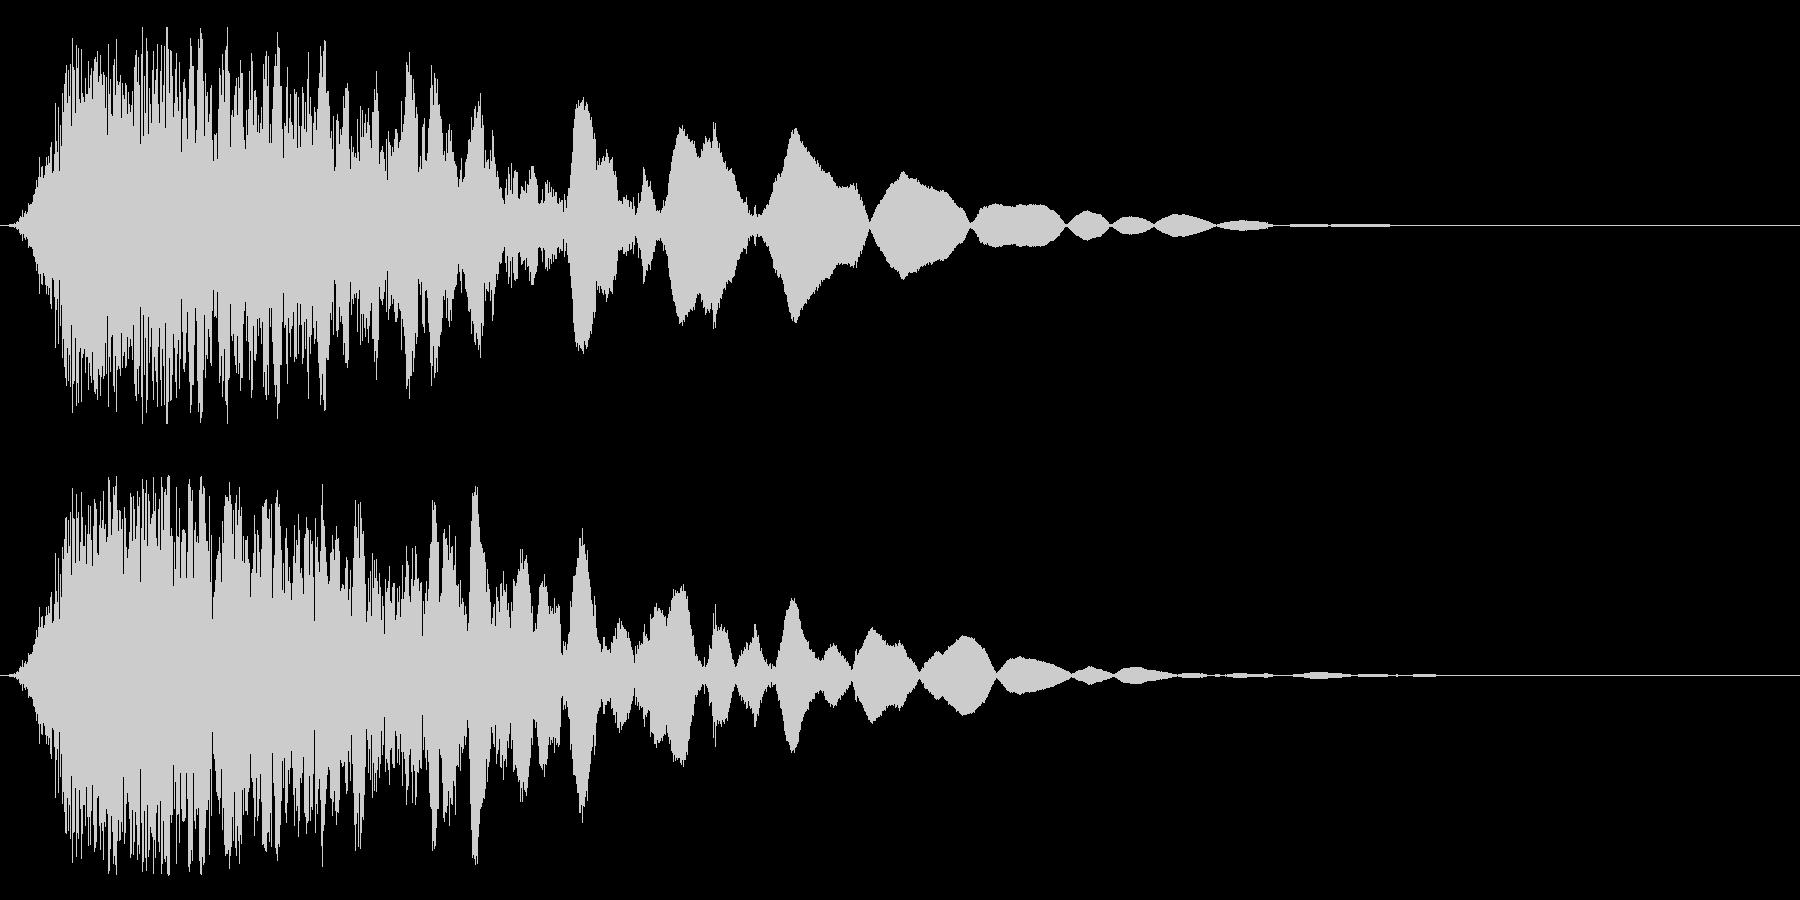 刀や剣 抜刀 斬撃の効果音 11cの未再生の波形